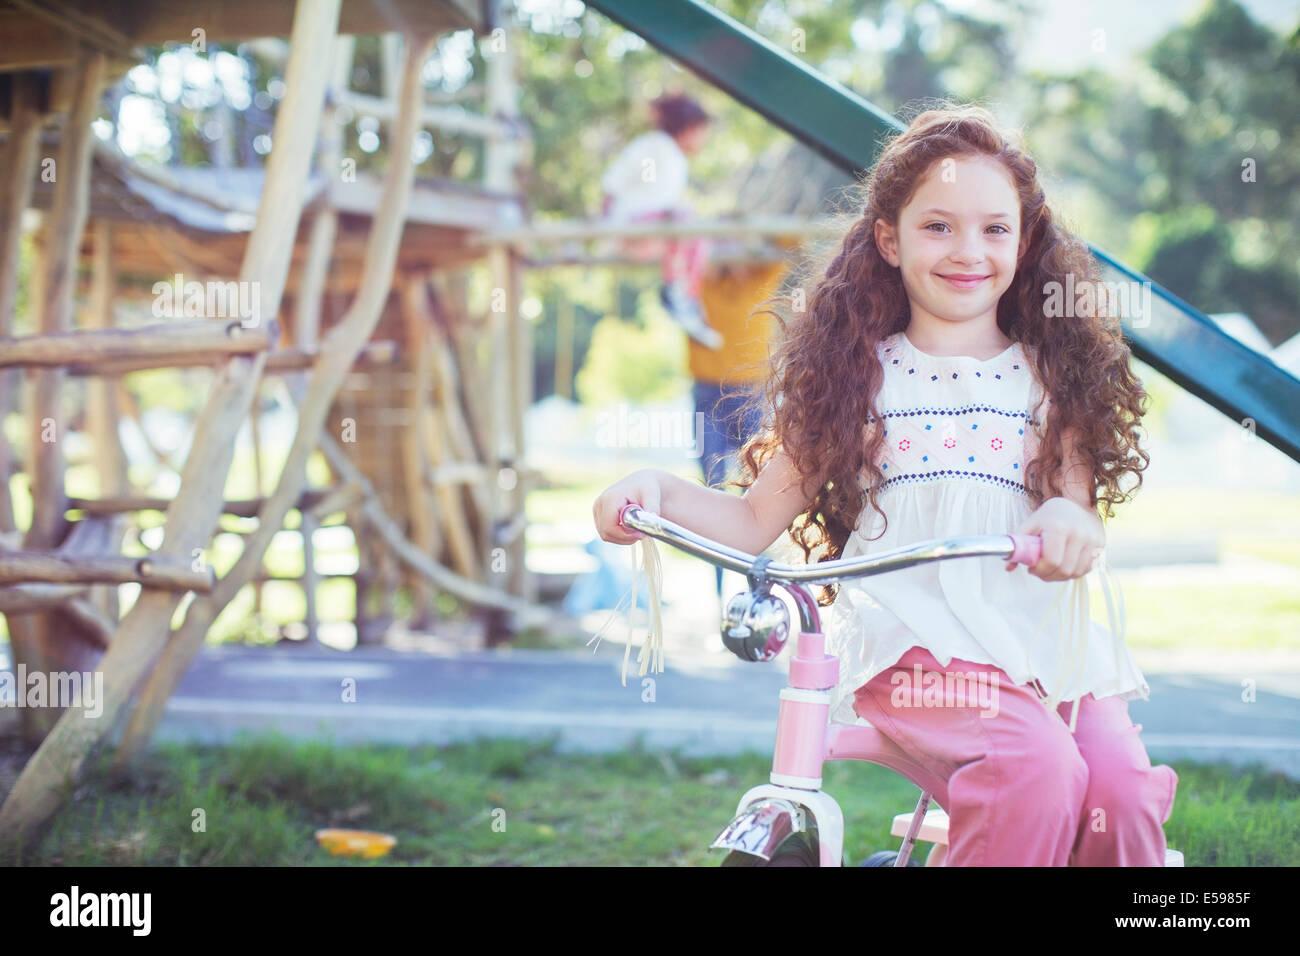 Sorridente ragazza seduta in bicicletta al parco giochi Immagini Stock